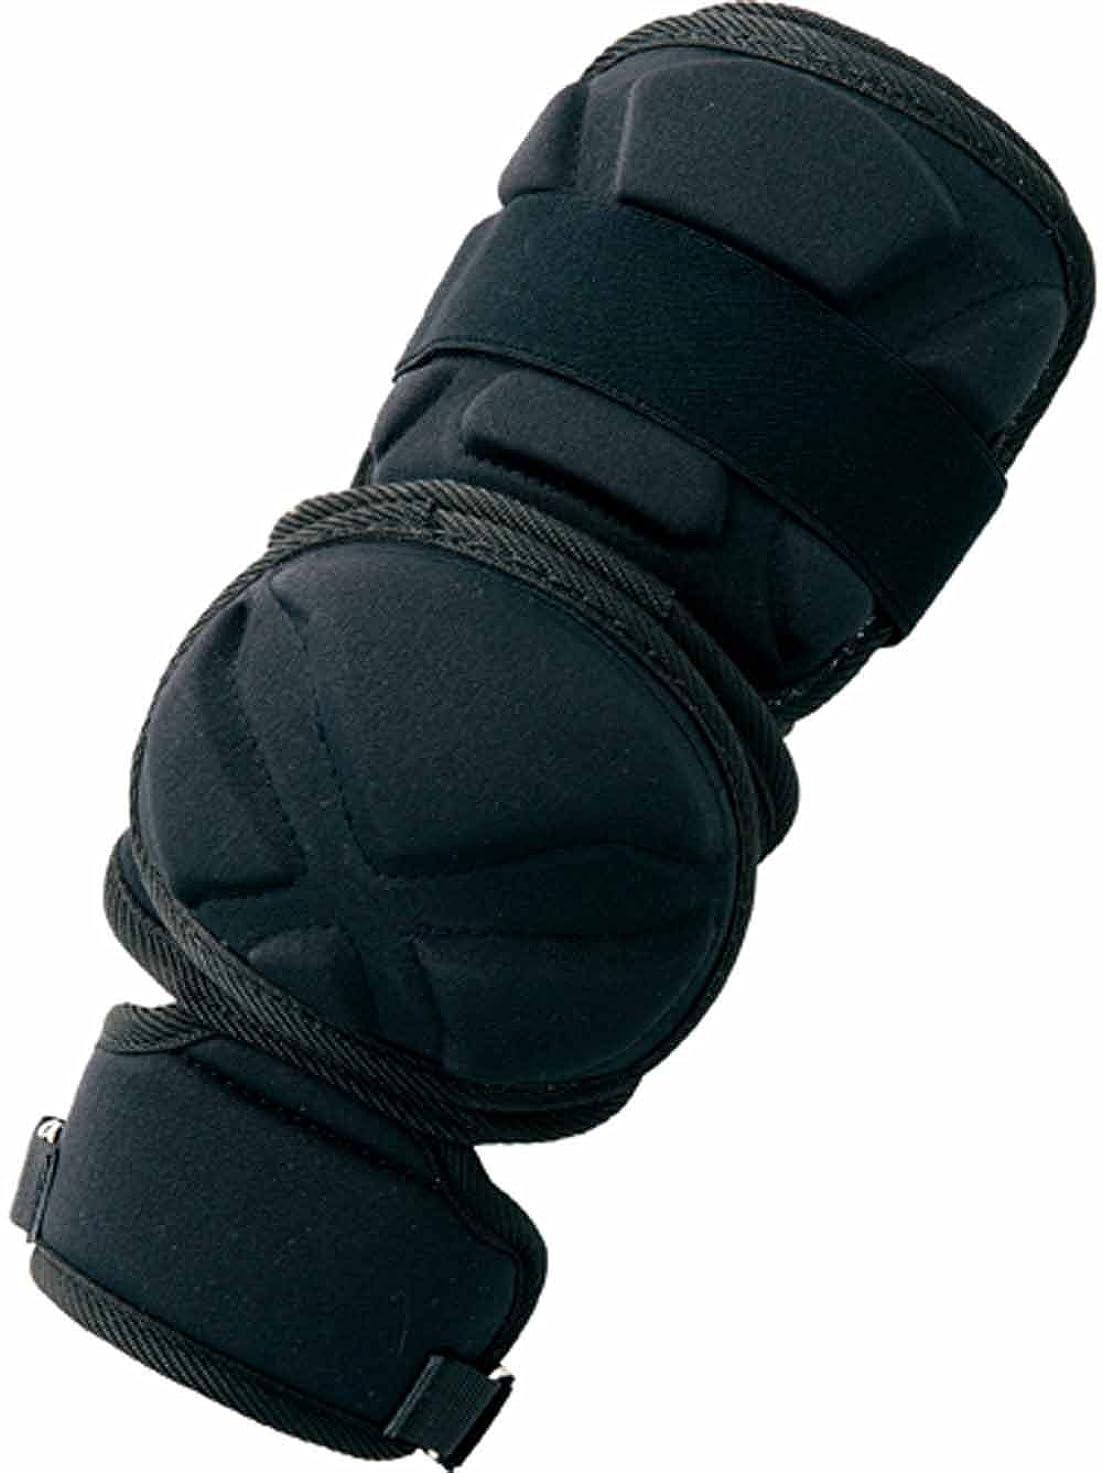 アサーキモい事業内容SSK(エスエスケイ)【EGSP3】エルボーガード 高校野球対応 メンズ 大人 肘 パッド 打者用 ショートタイプ